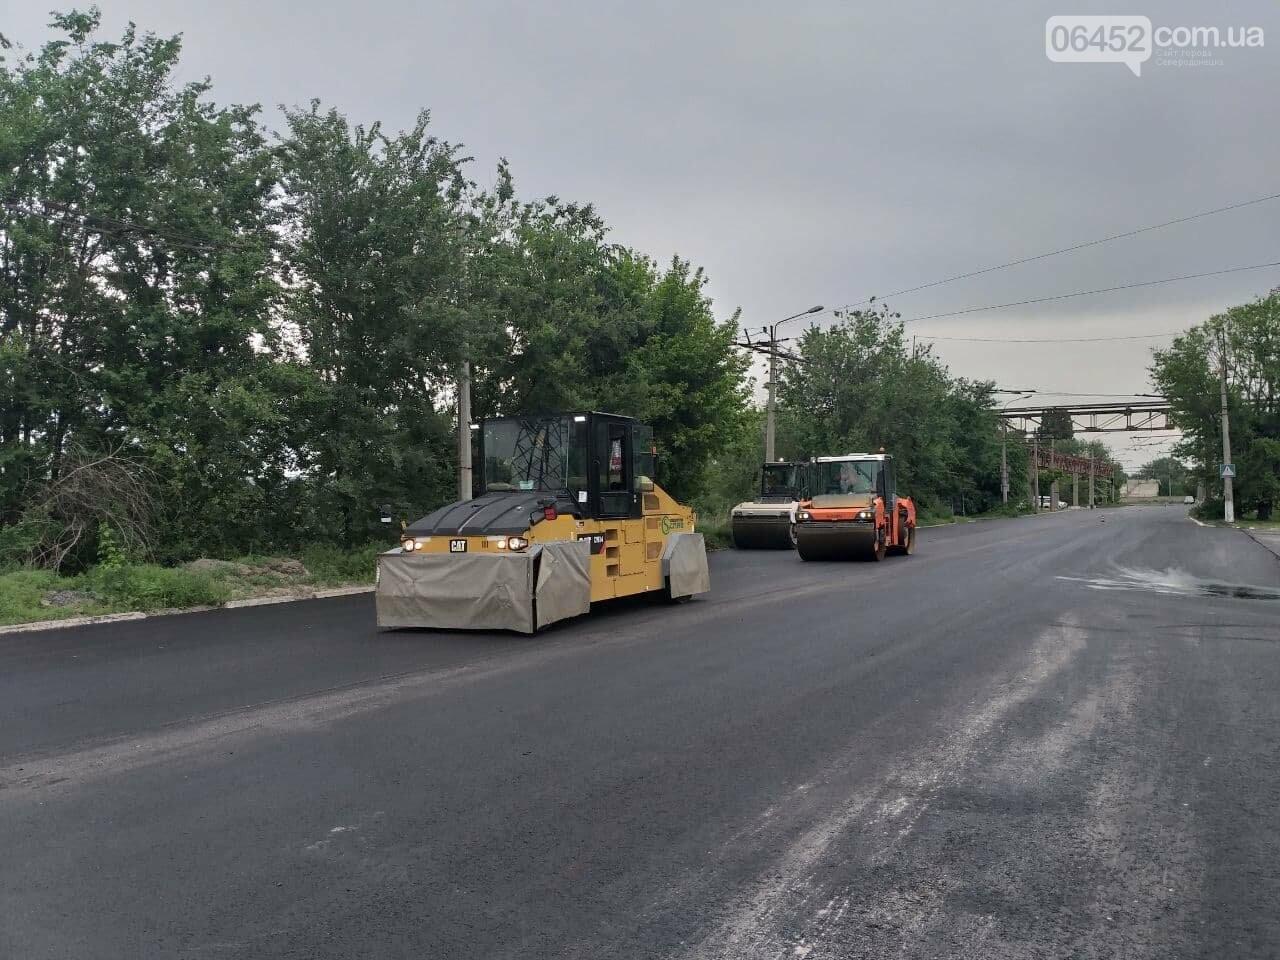 Ограничено движение троллейбусов и перекрыт пойменный мост: в Северодонецке ремонтируют дорогу, фото-7